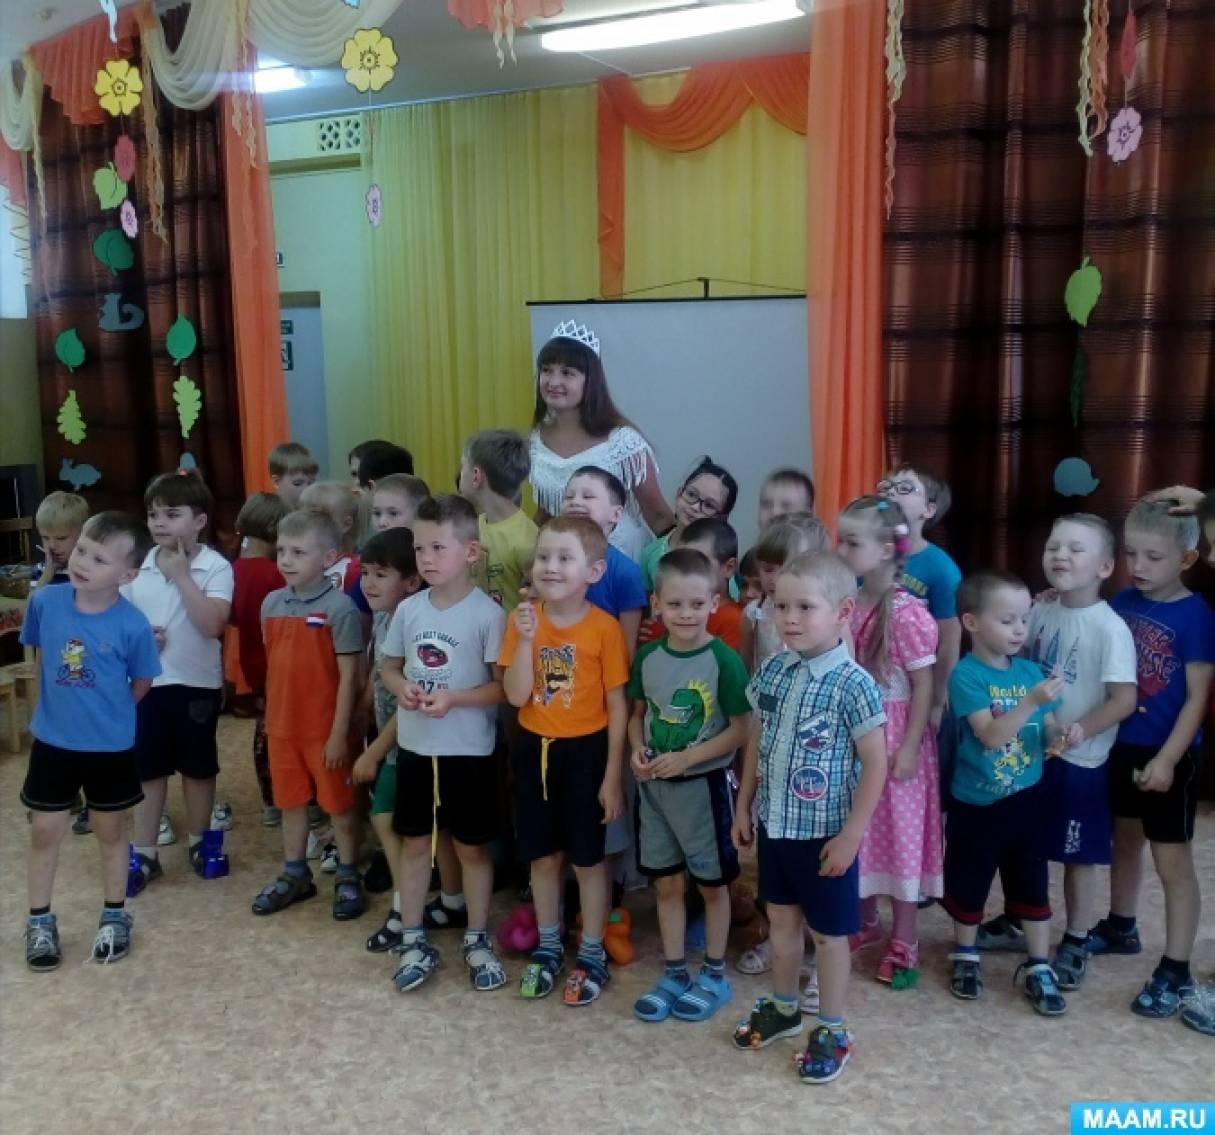 «Праздник обуви в детском саду» (фотоотчет)